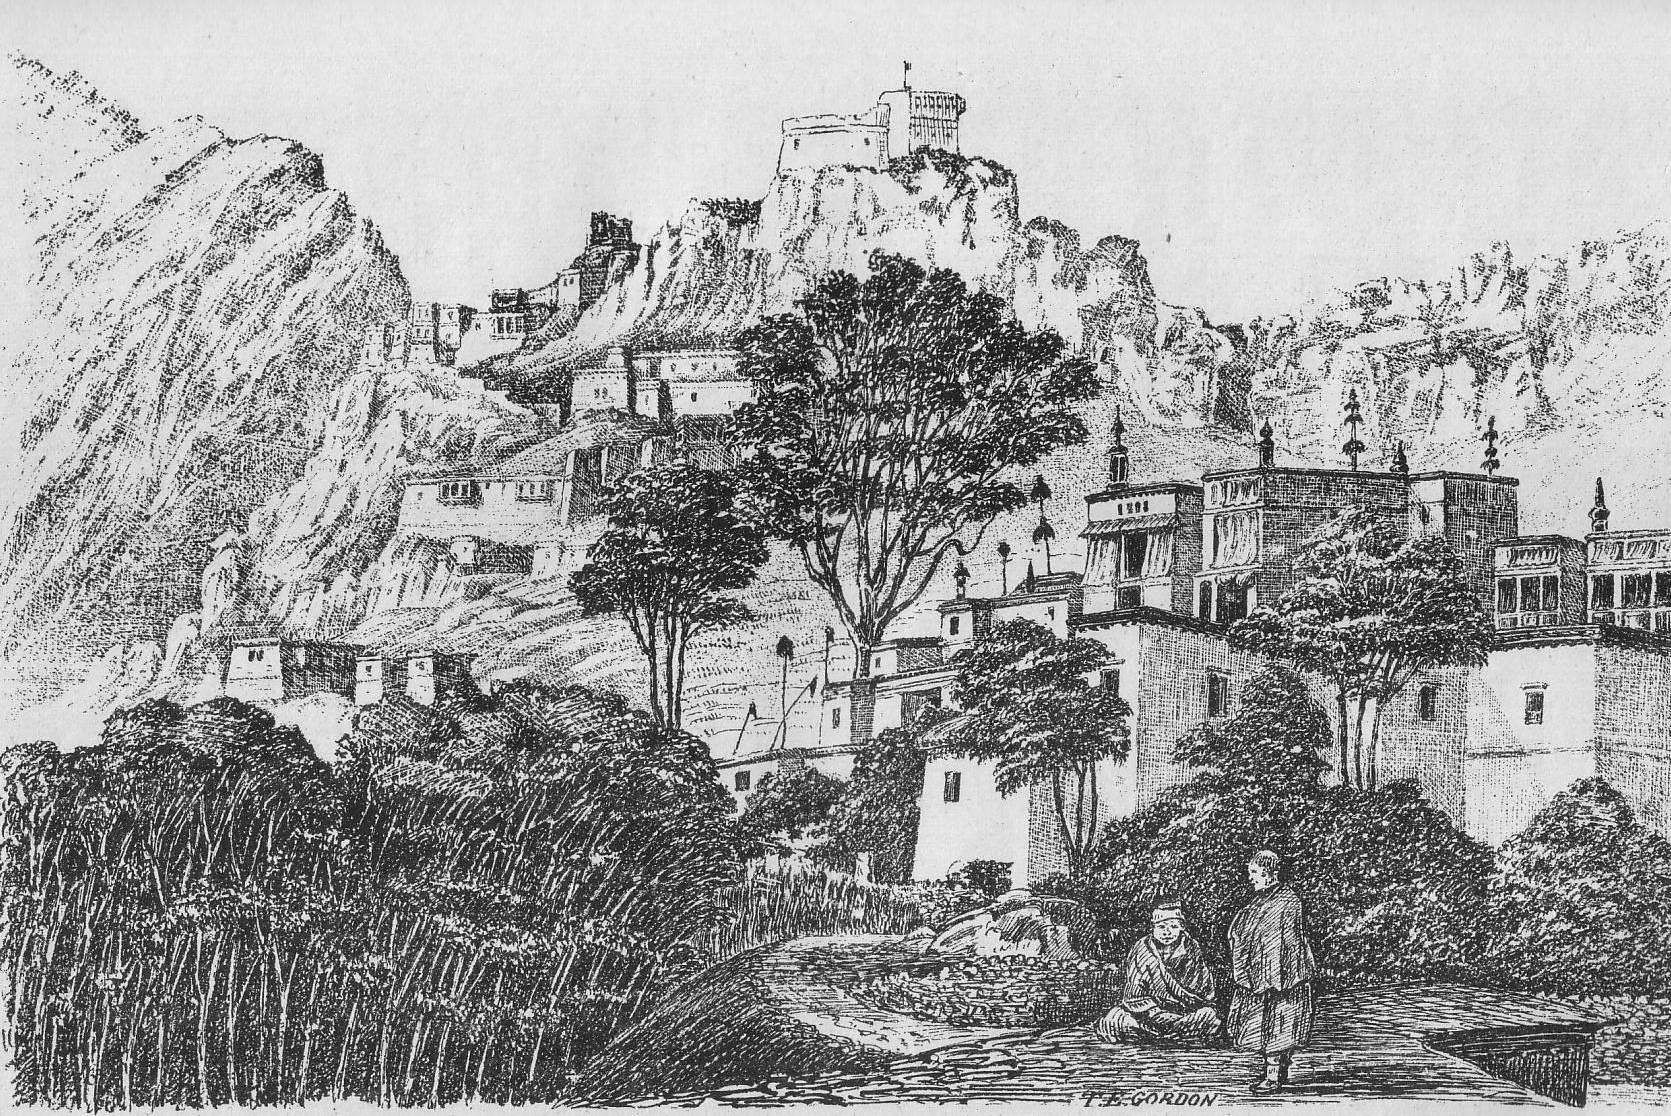 Hemis Monastery in the 1870s